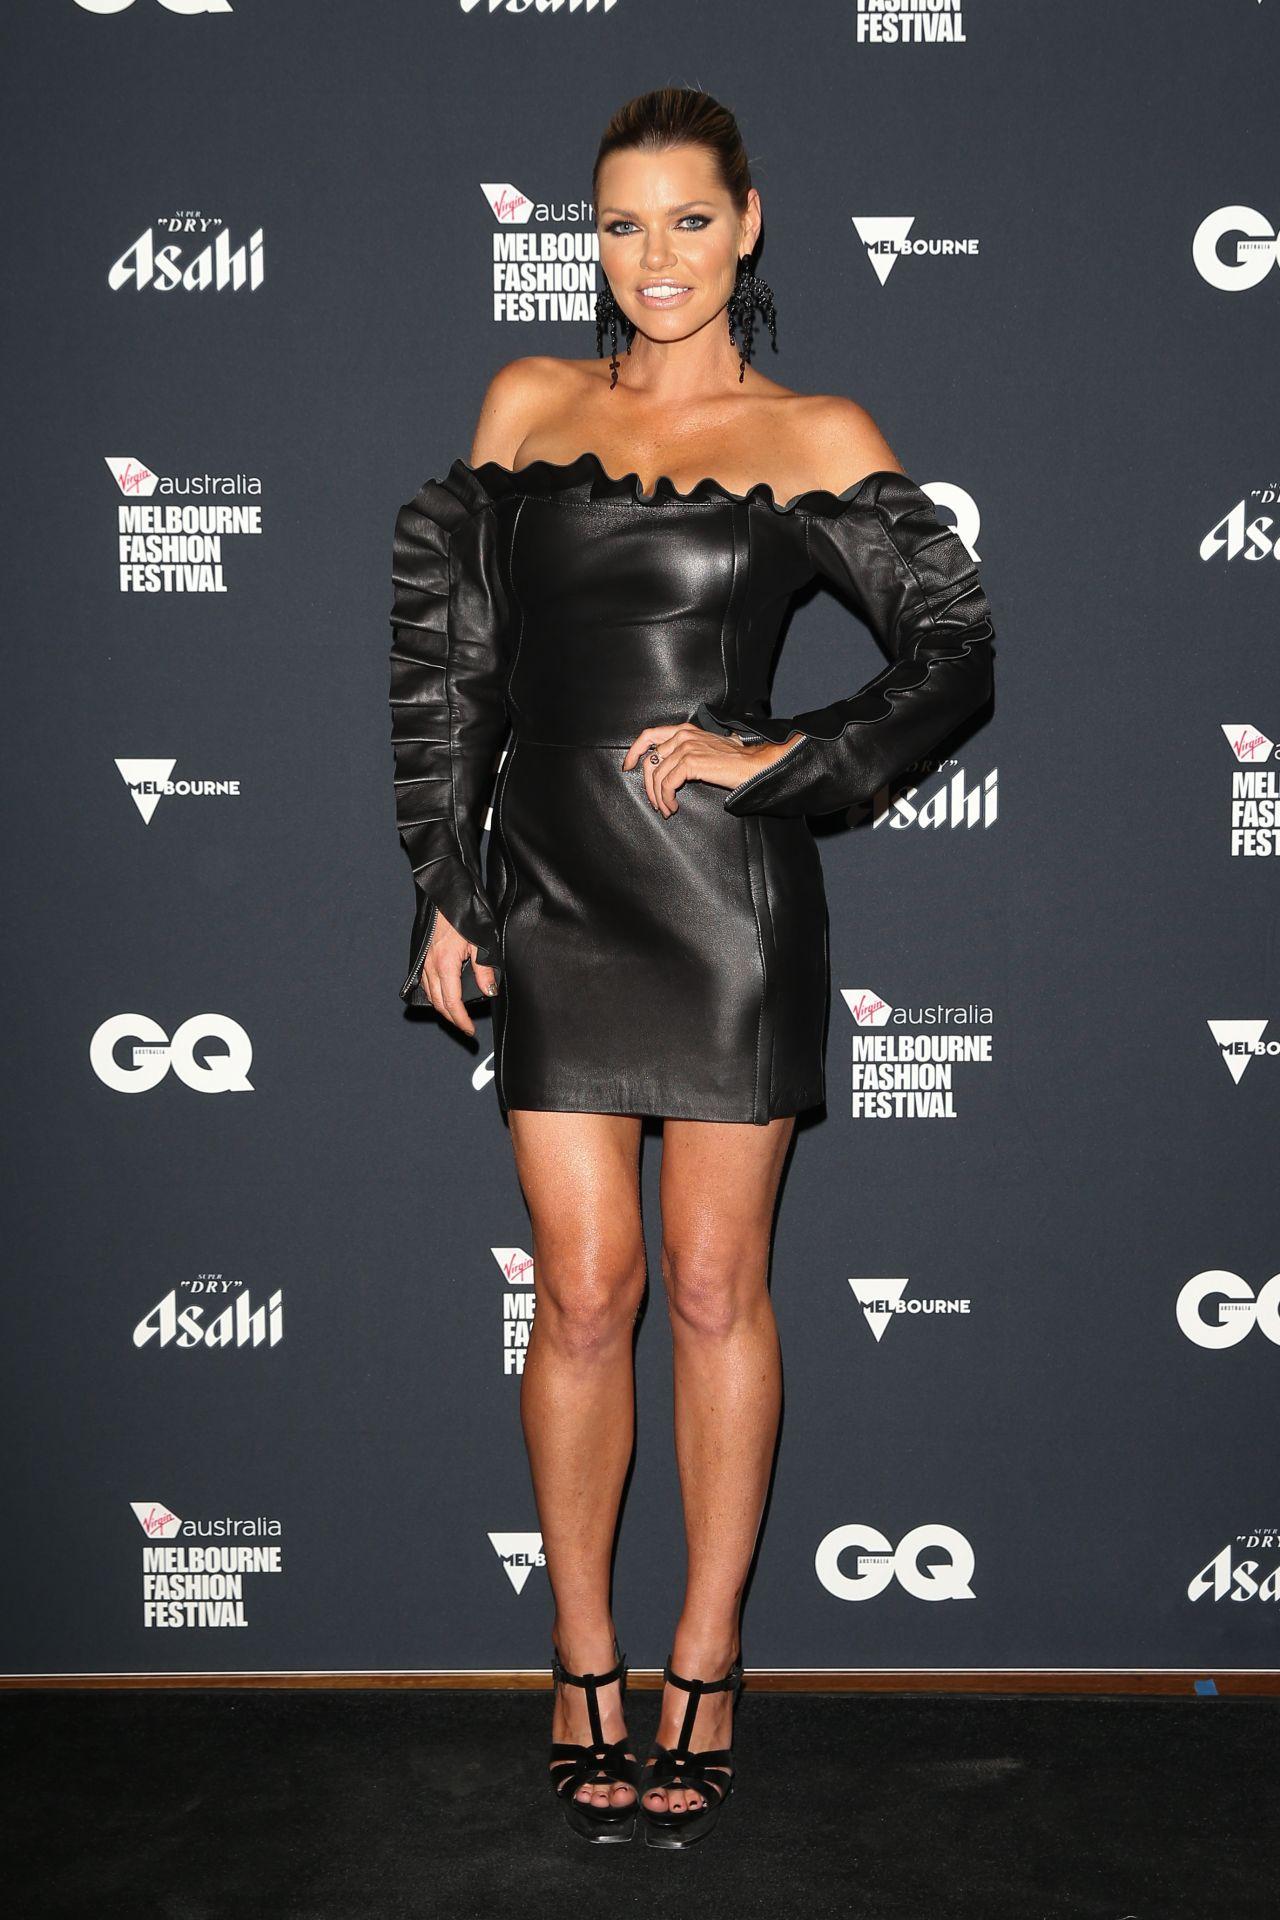 Fashion Festival Melbourne